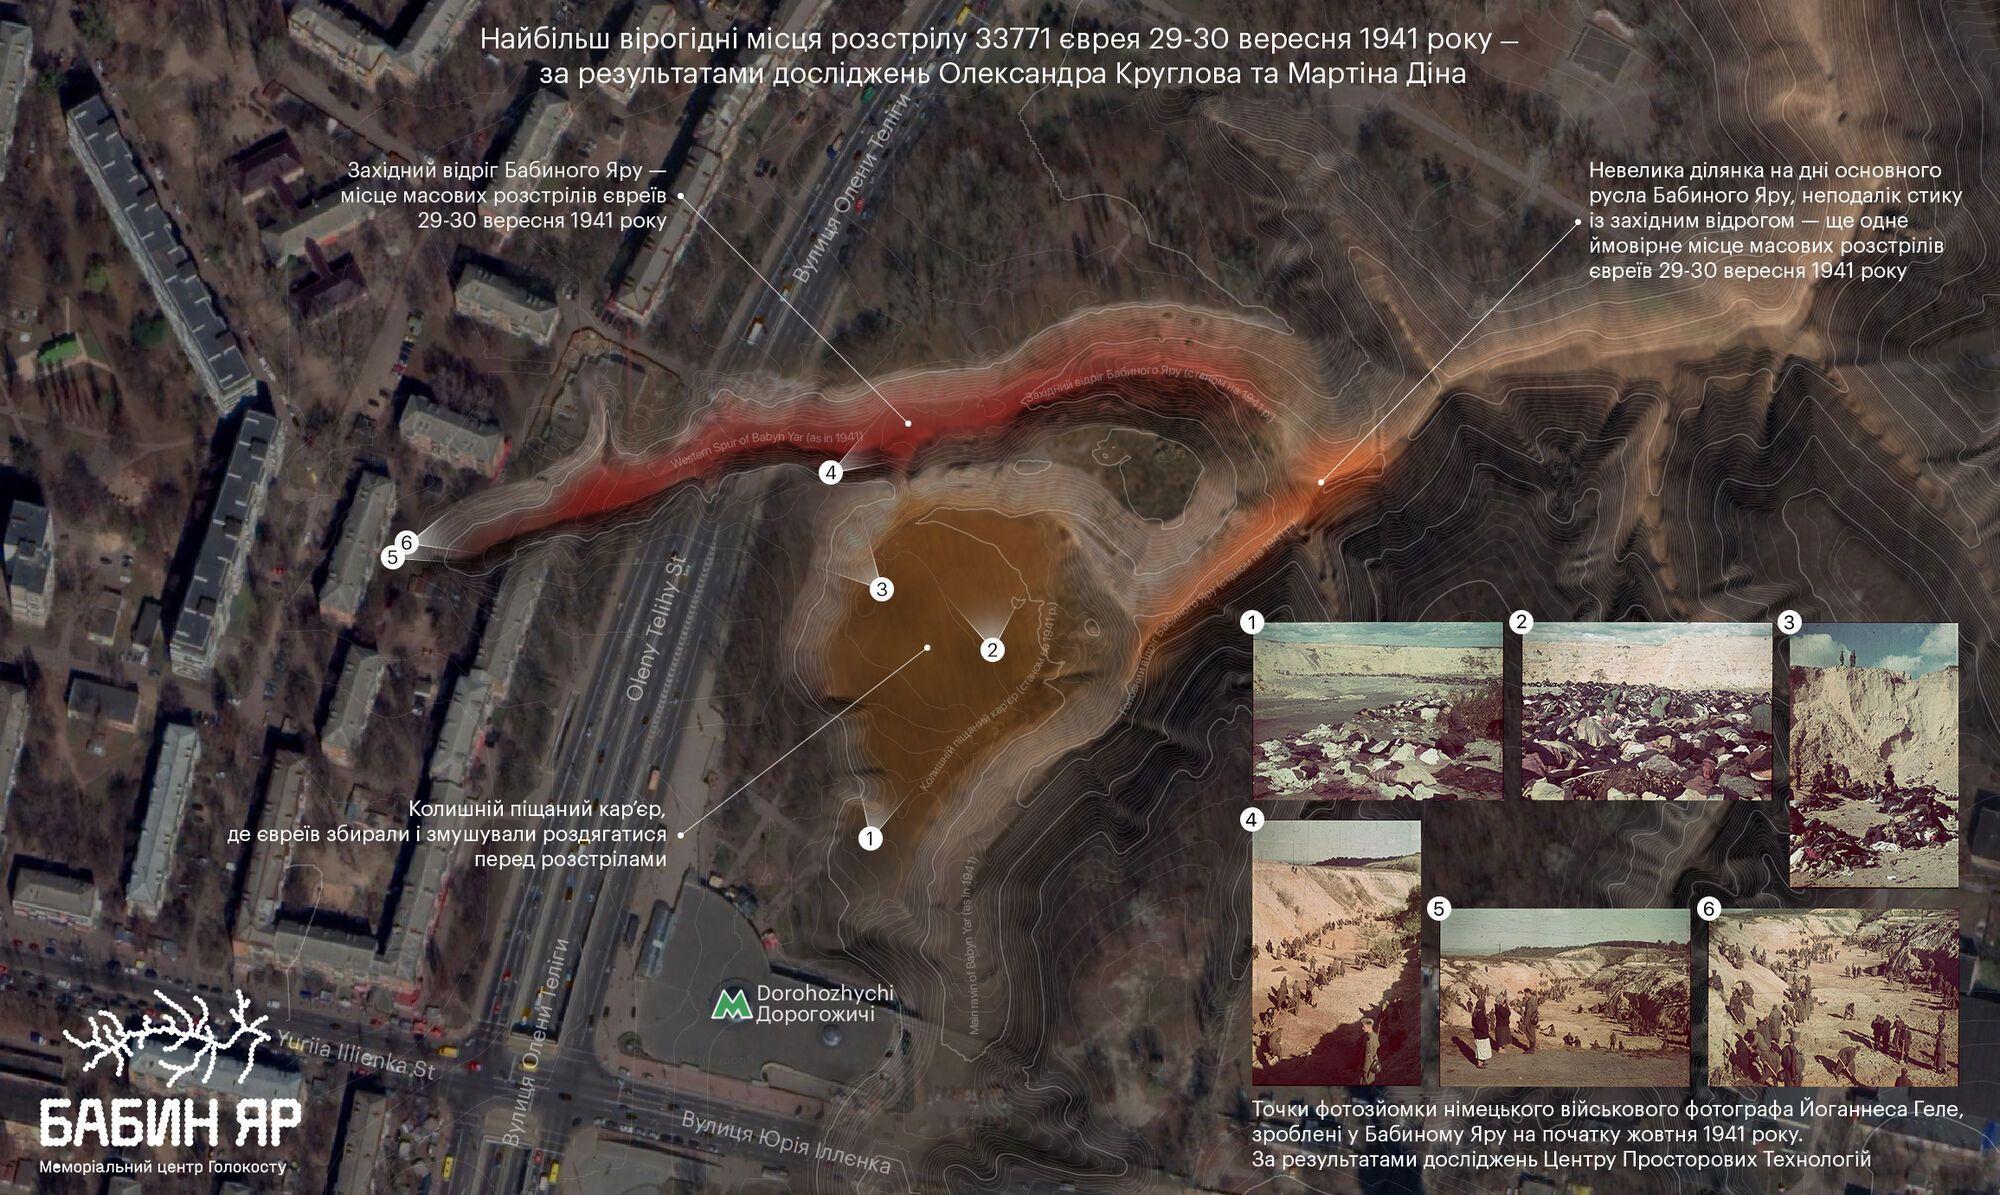 Карта дослідження Олександра Круглова, Мартіна Діна та Центру просторових технологій